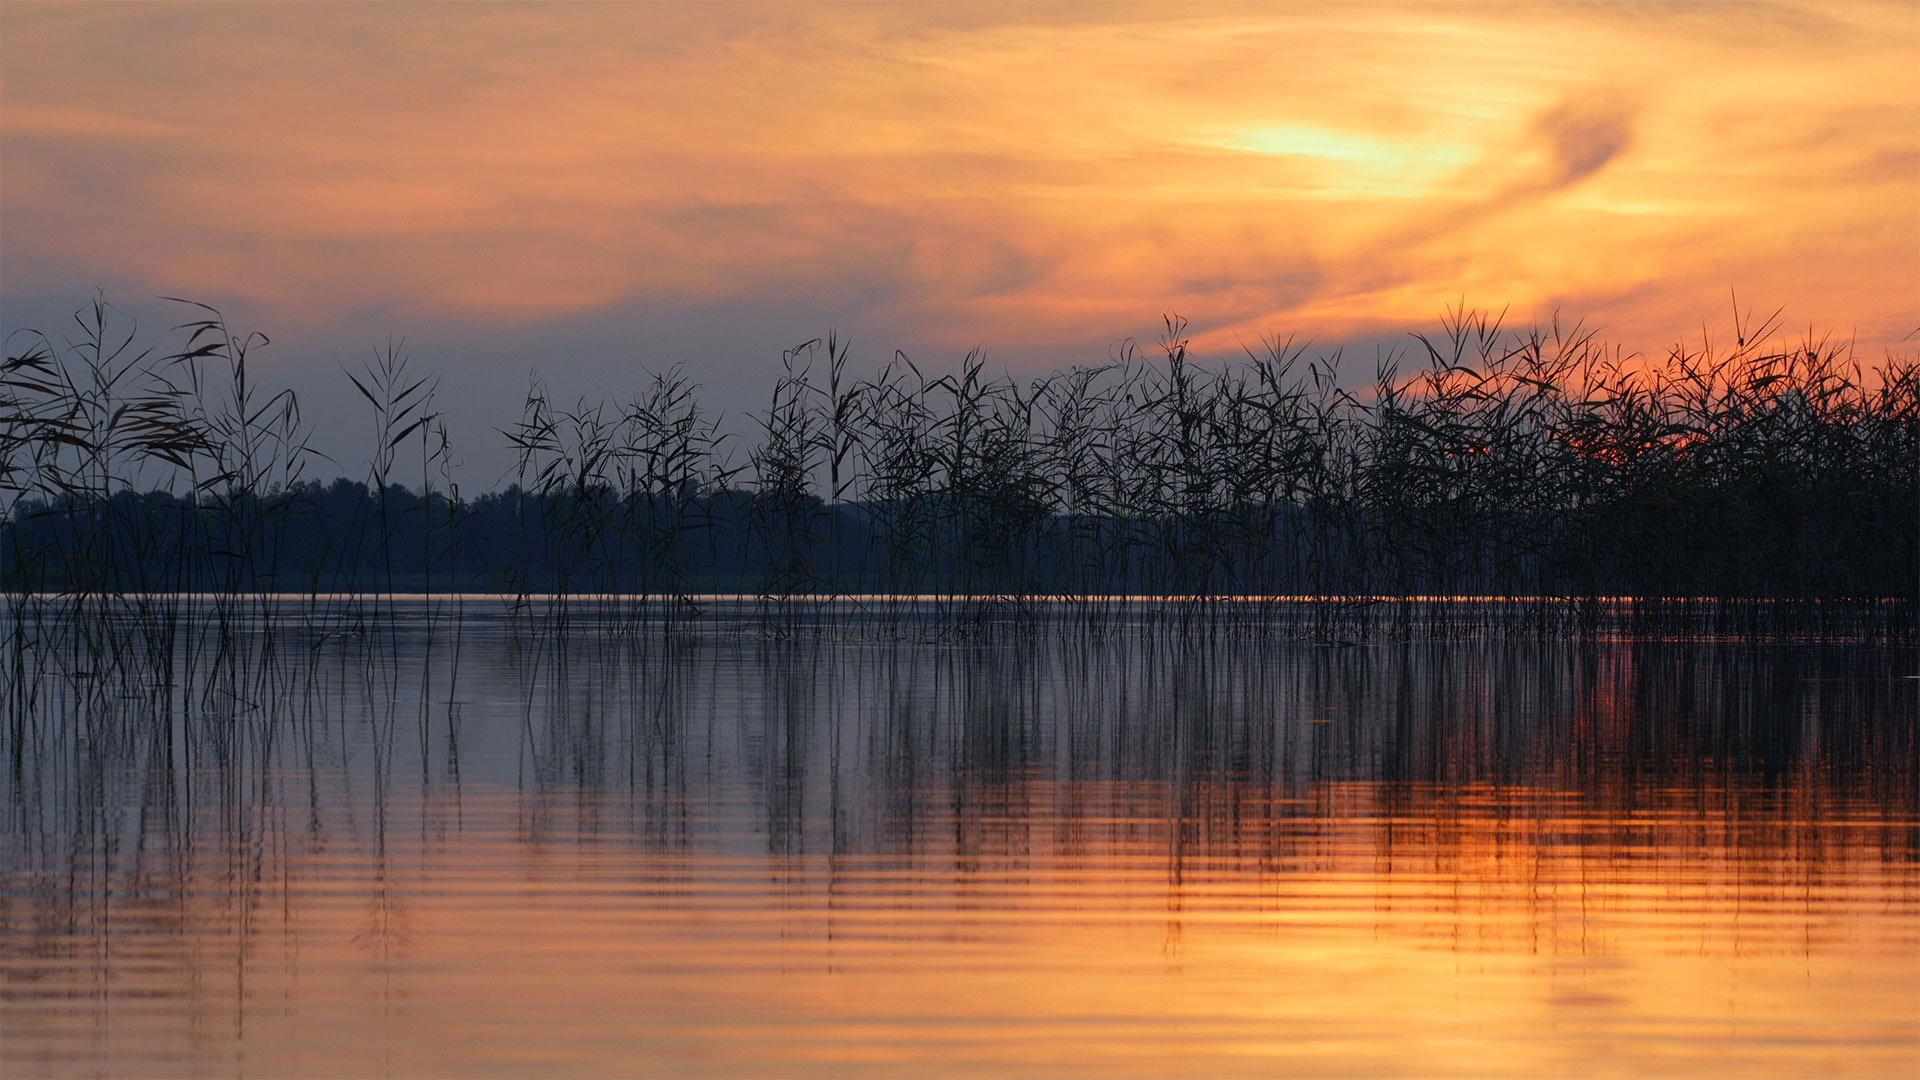 埃热泽尔斯湖面上的波纹埃热泽尔斯湖